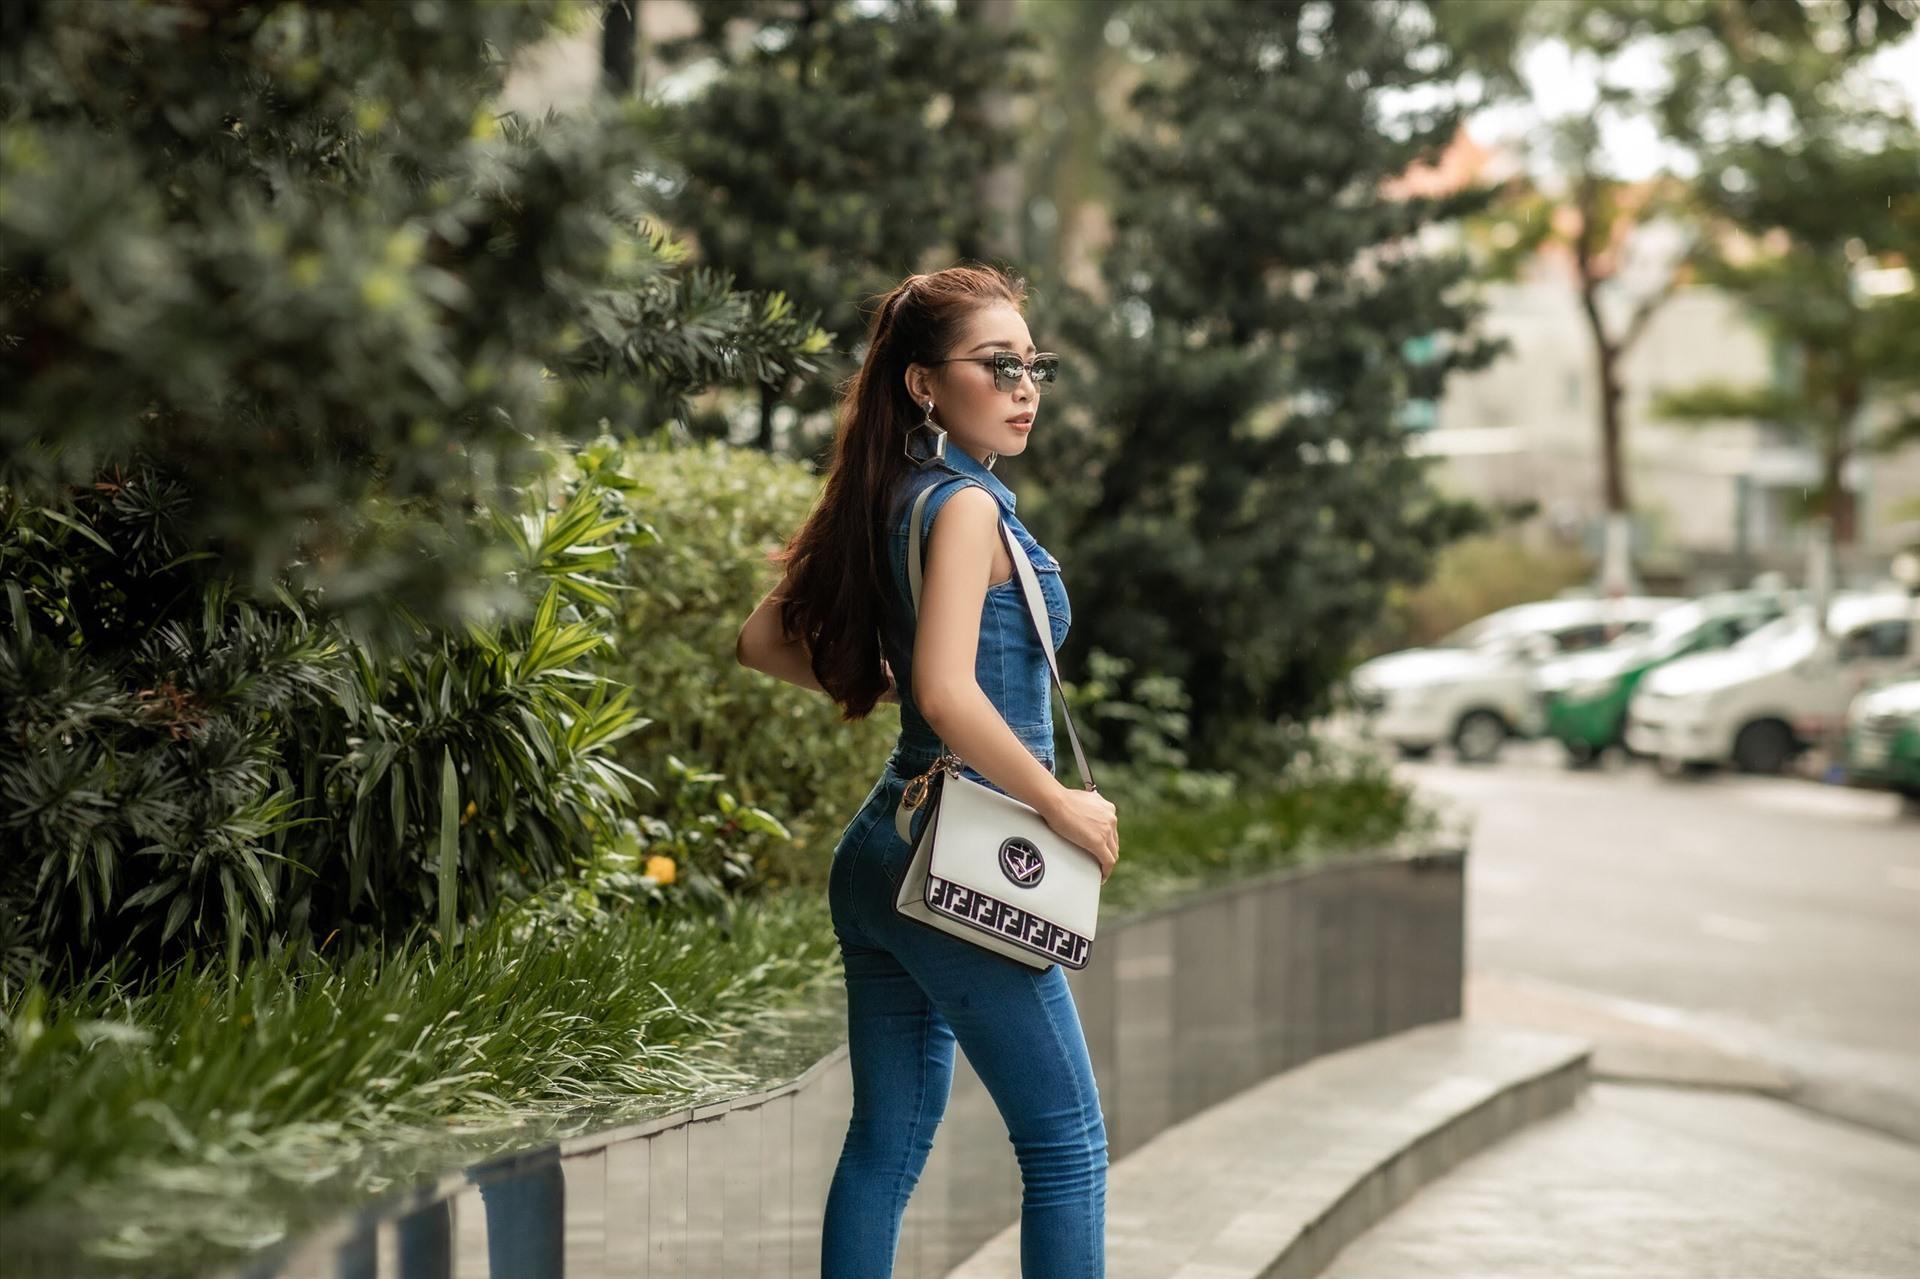 Là 1 cô gái bản lĩnh, Linh Huỳnh có cá tính riêng của mình. Người đẹp thích sự ấn tượng, phá cách hơn là những trang phục nữ tính. Linh Huỳnh thích trang phục bó sát khoe body kết hợp phụ kiện túi xách hàng hiệu. Còn khi cần sự dịu dàng hơn, cô chọn vest cổ chữ V gợi cảm kết hợp chân váy ngắn tiệp màu.